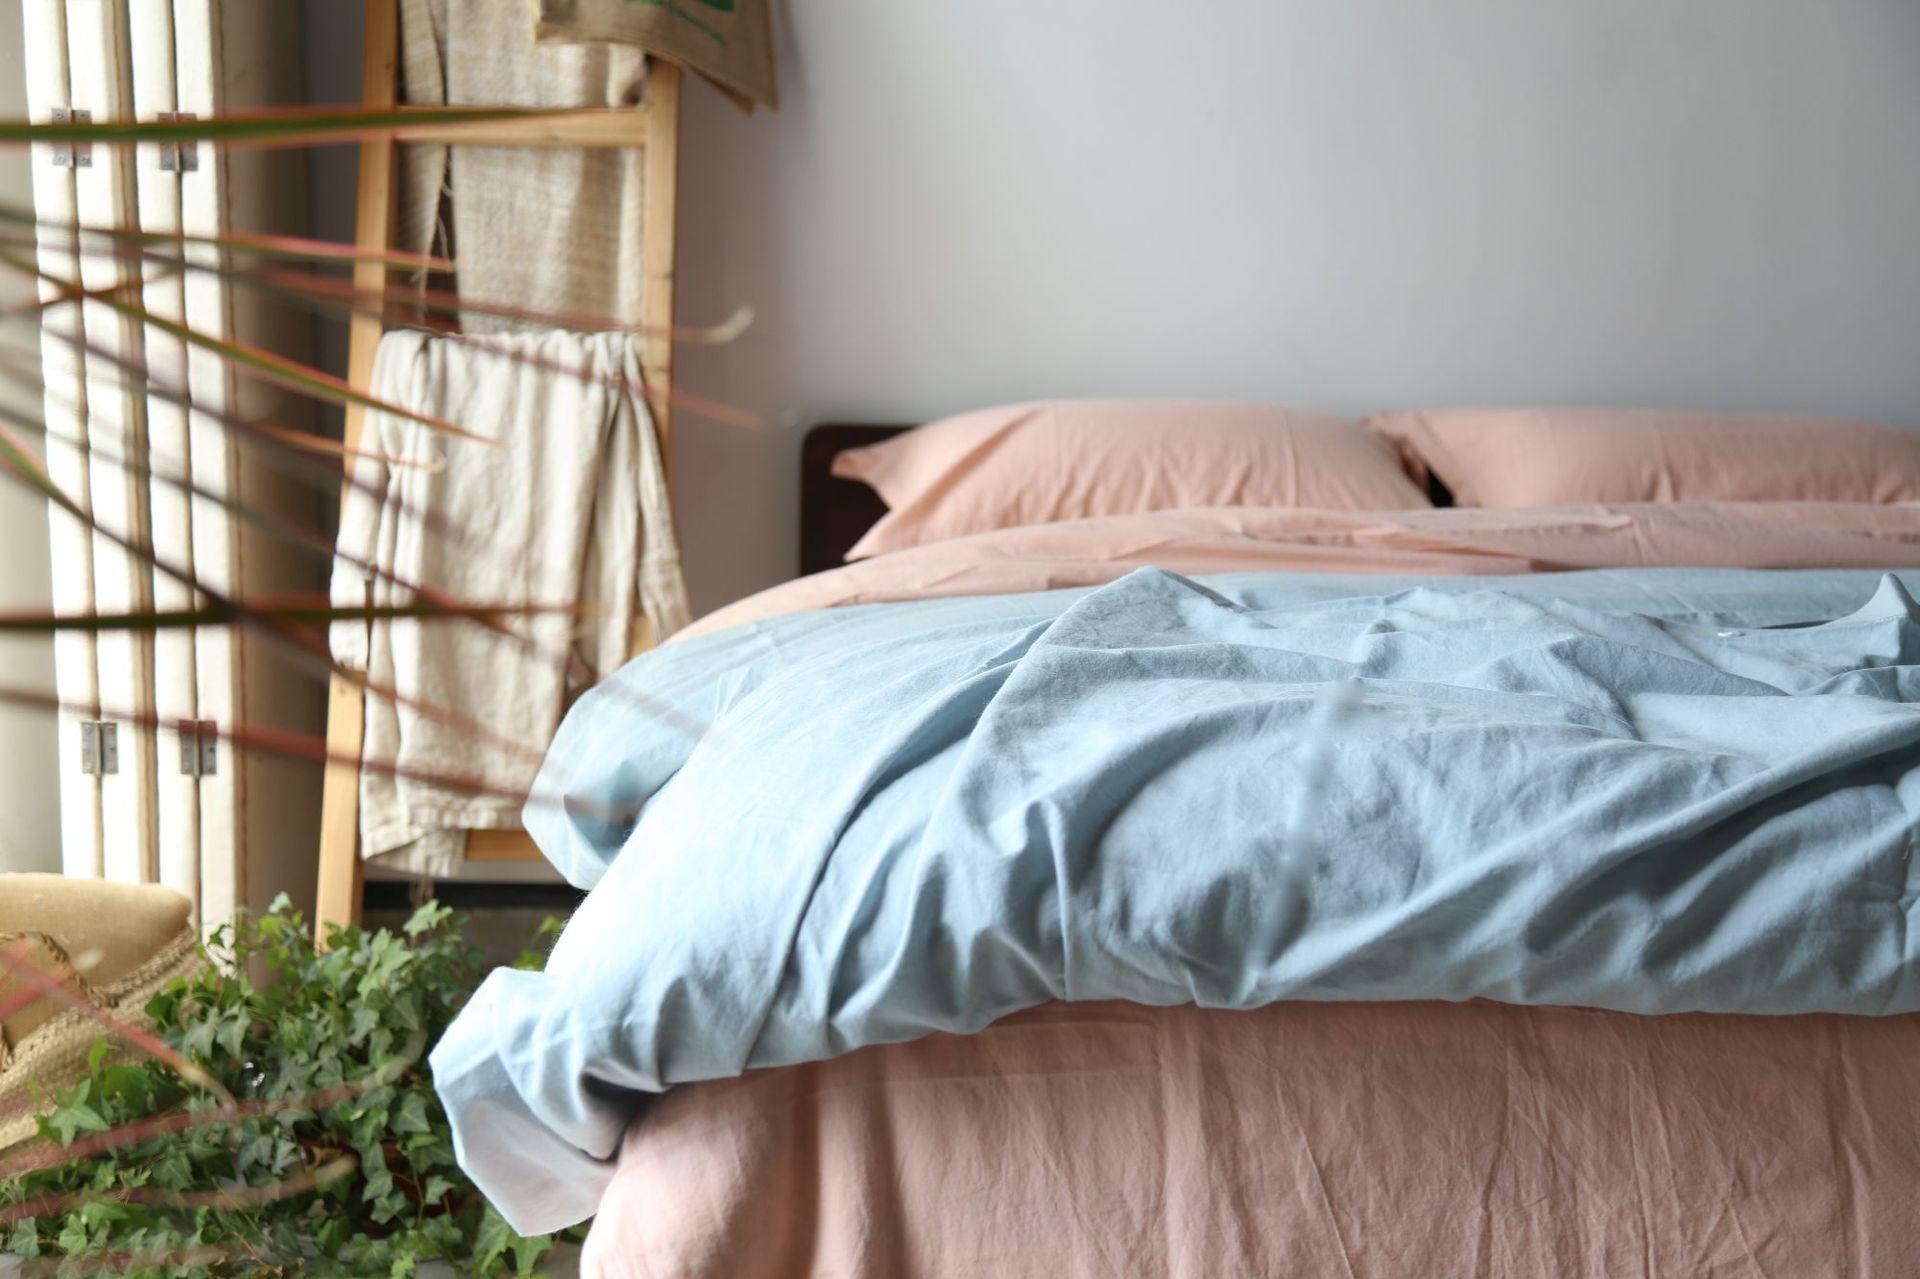 Bộ phận bán vải lanh trực tiếp, khăn tắm, và các kích cỡ khác, tùy chỉnh